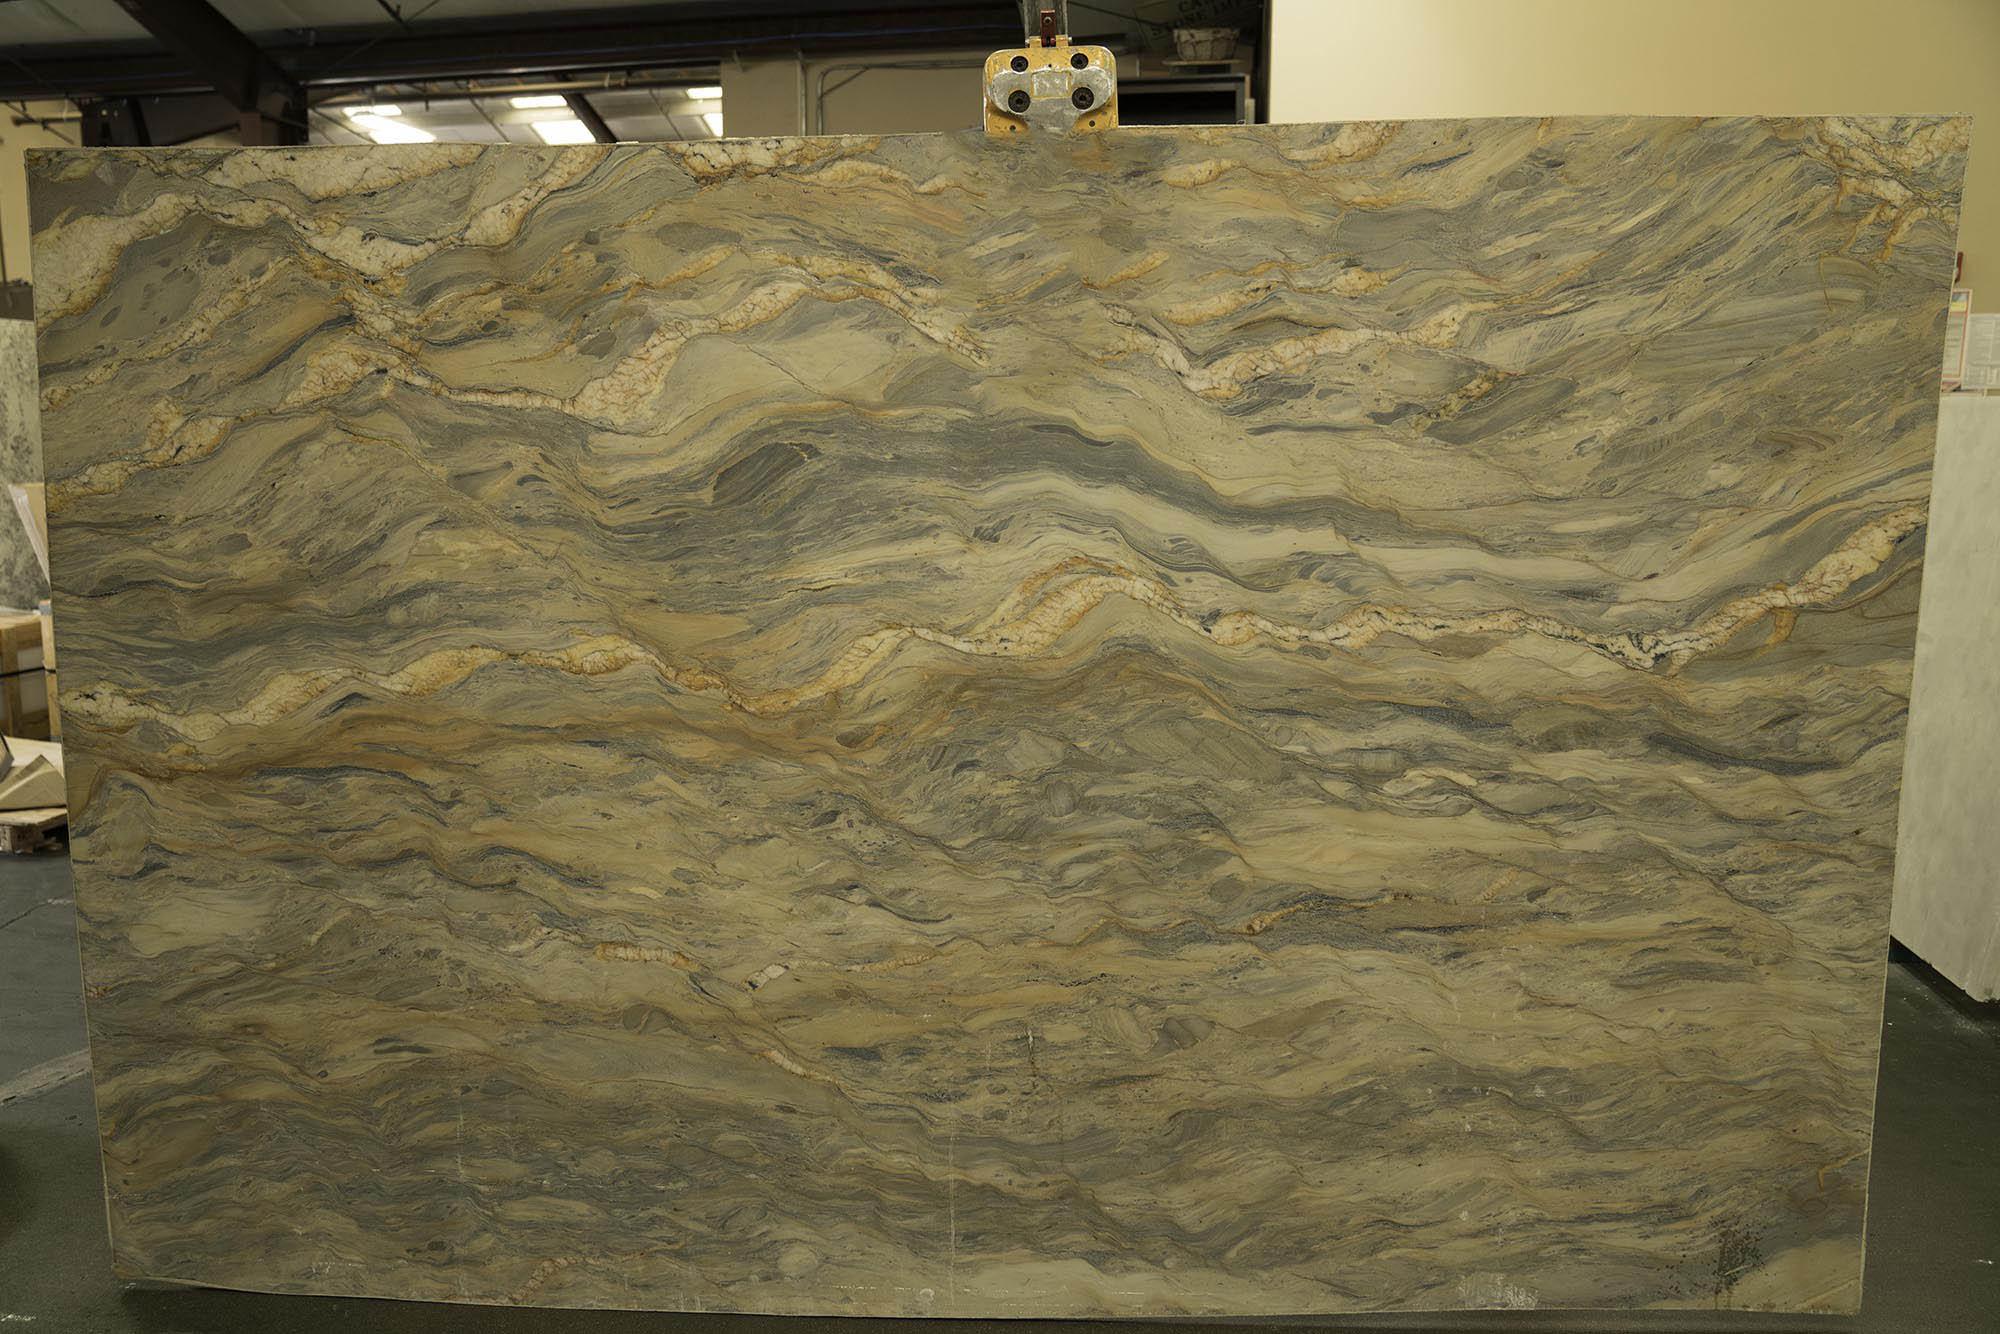 Quartz Countertops San Francisco Quartzite Slabs Ca